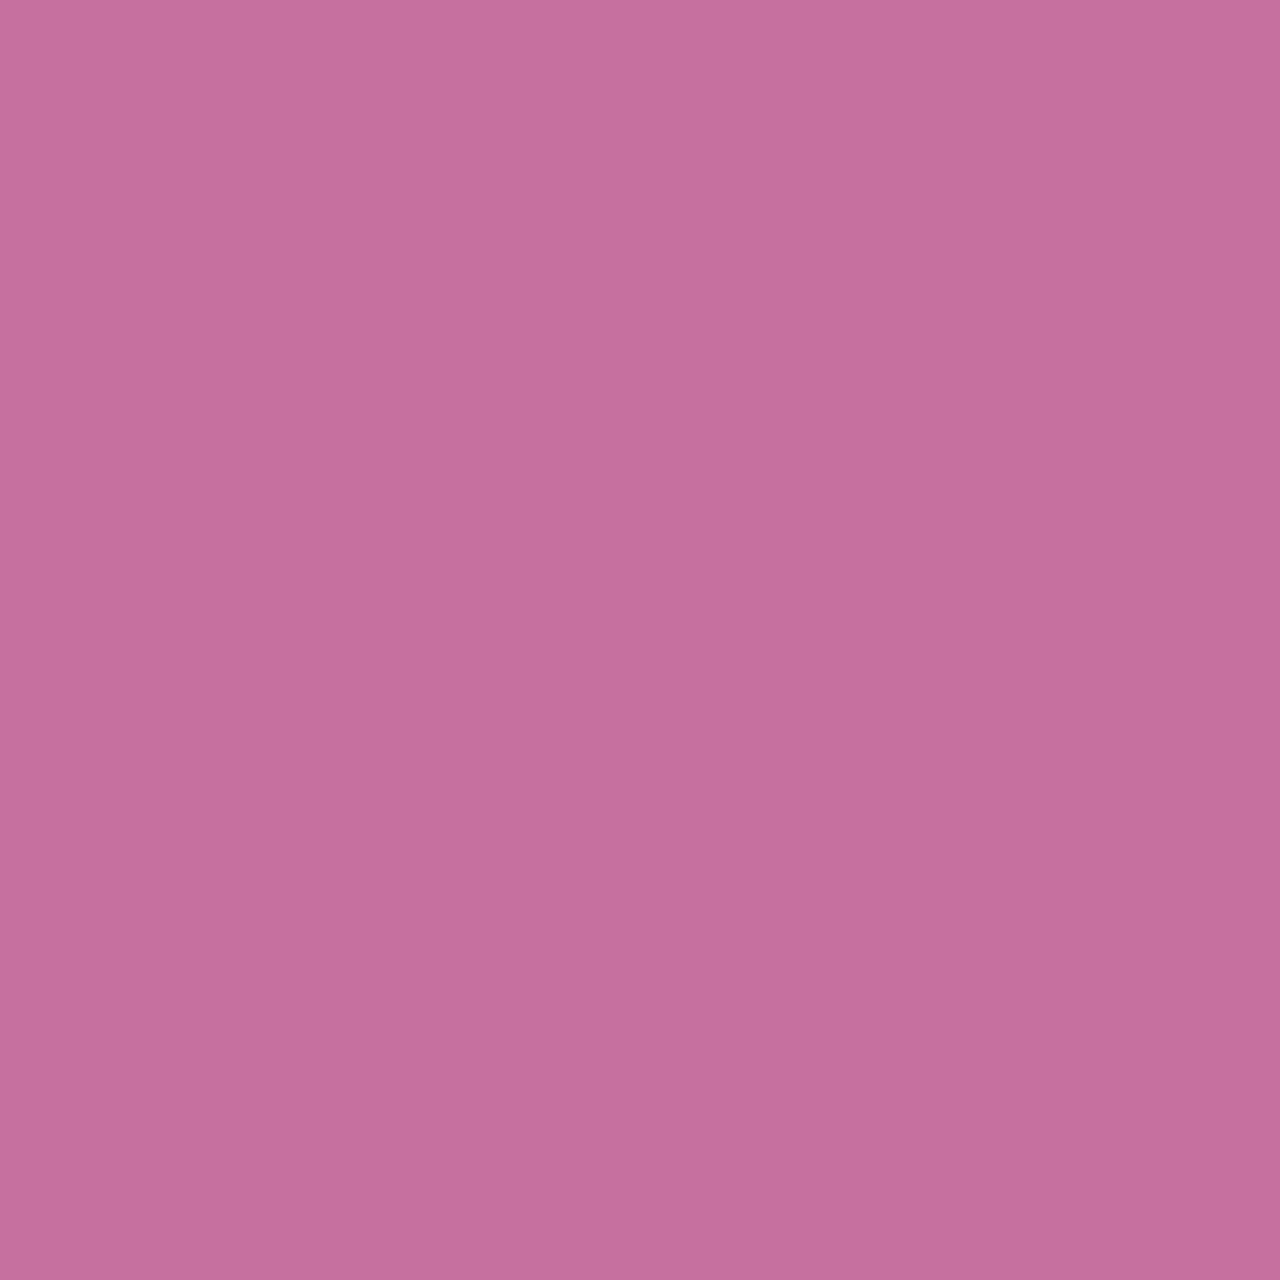 Rosco Cinegel Sheet #3308: Tough Minusgreen, Gels